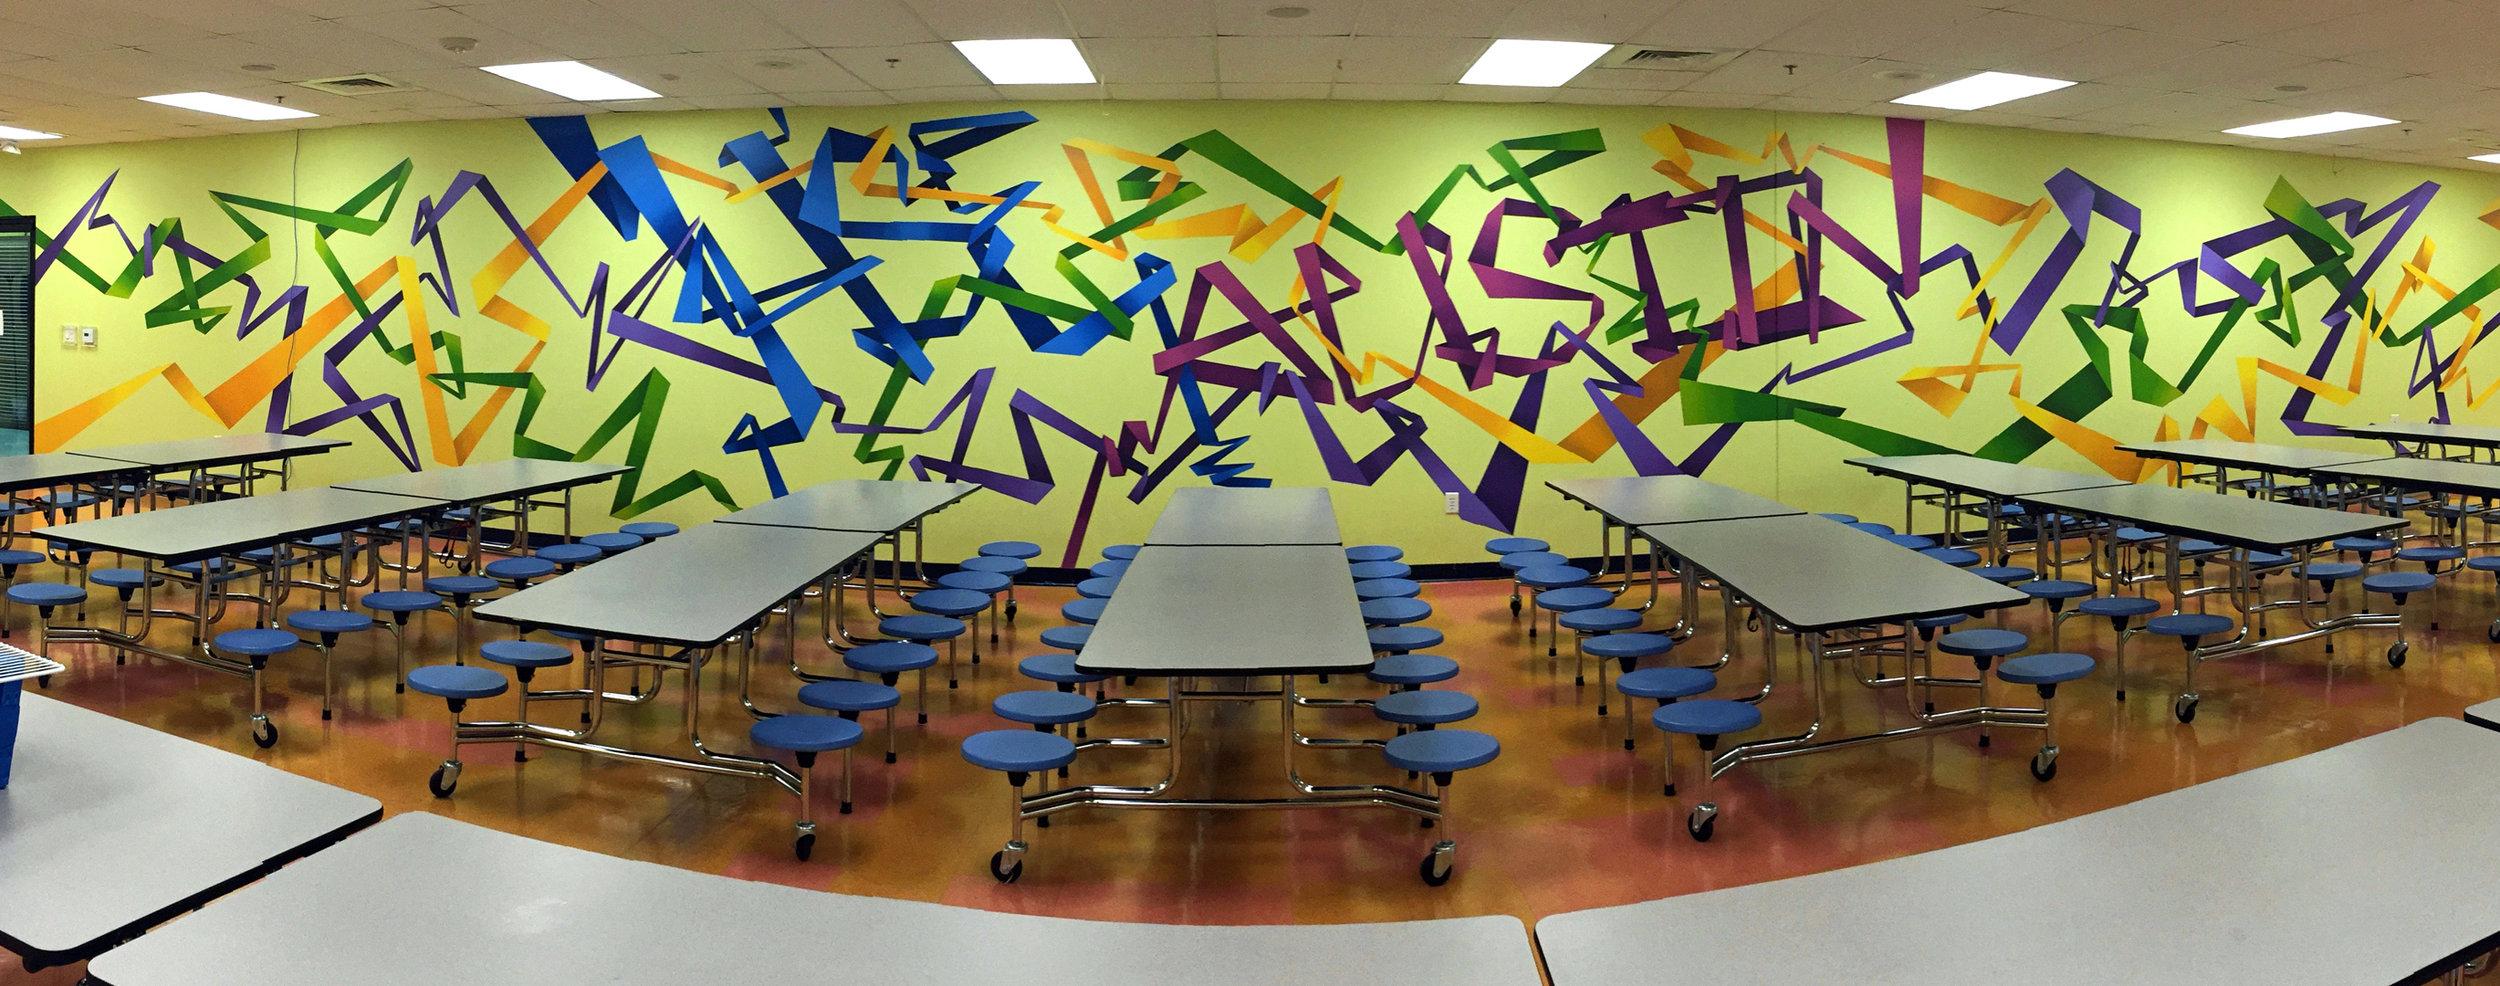 hse_mural_wide_2.jpg